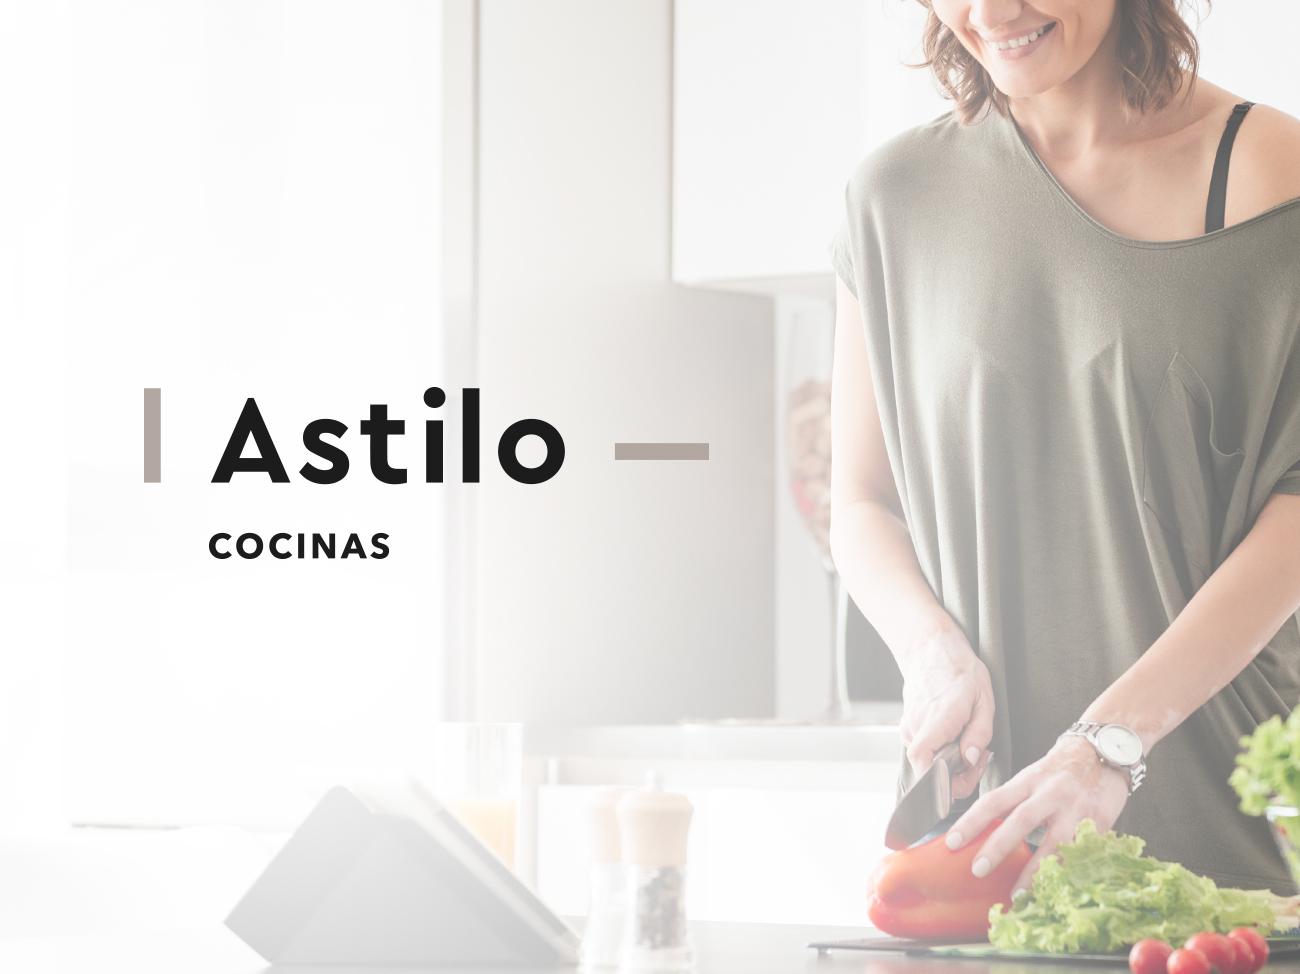 Astilo Cocinas